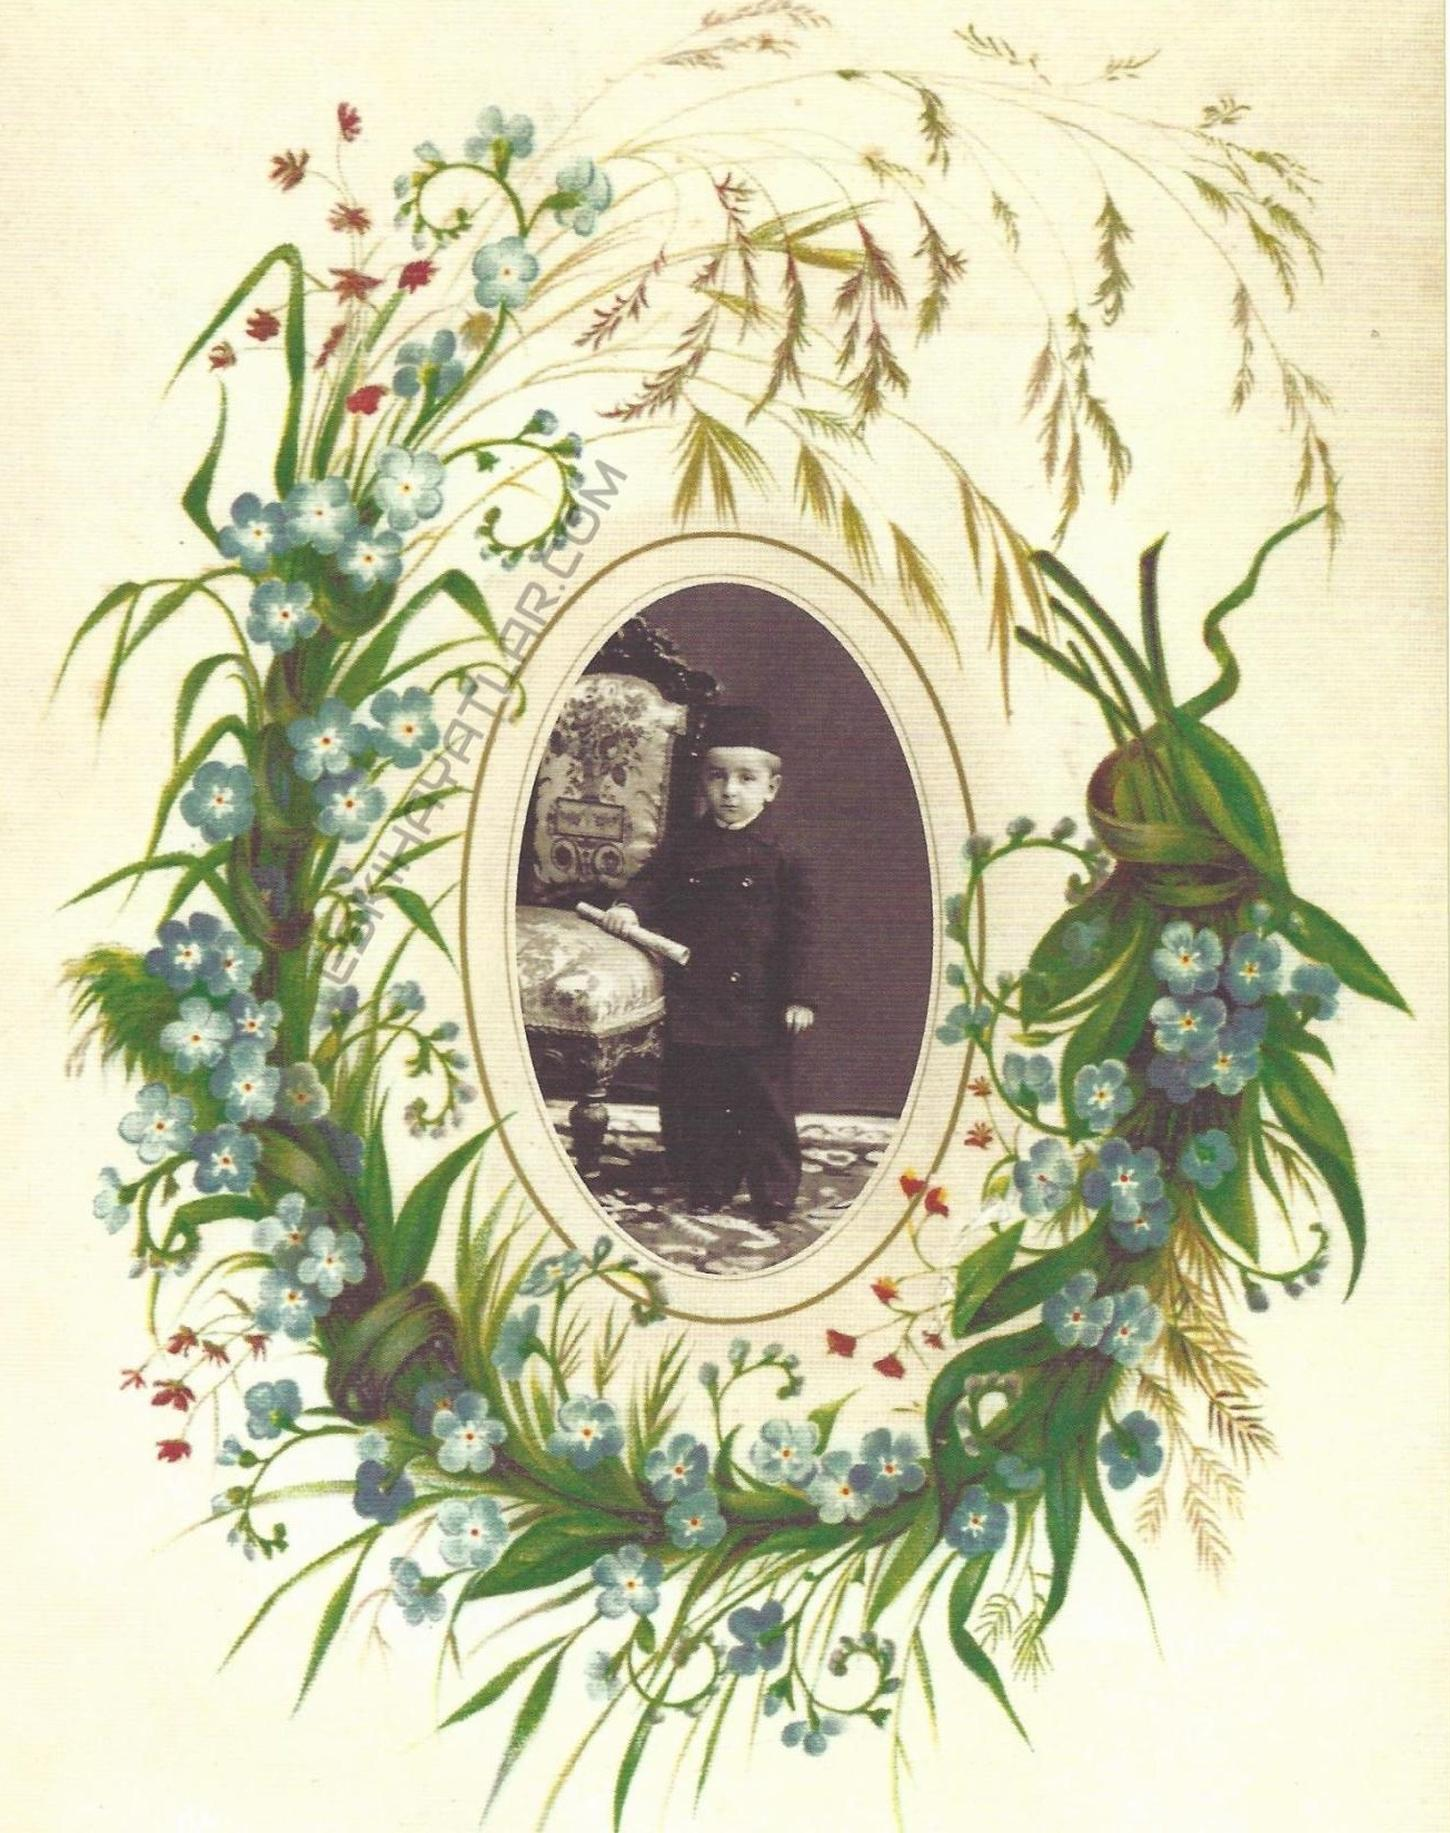 sultan-abdulhamid-in-aile-albumleri-abdullah-biraderler-fotograflari-yildiz-sarayinda-cekilen-resimler-mehmet-seyfeddin-efendi